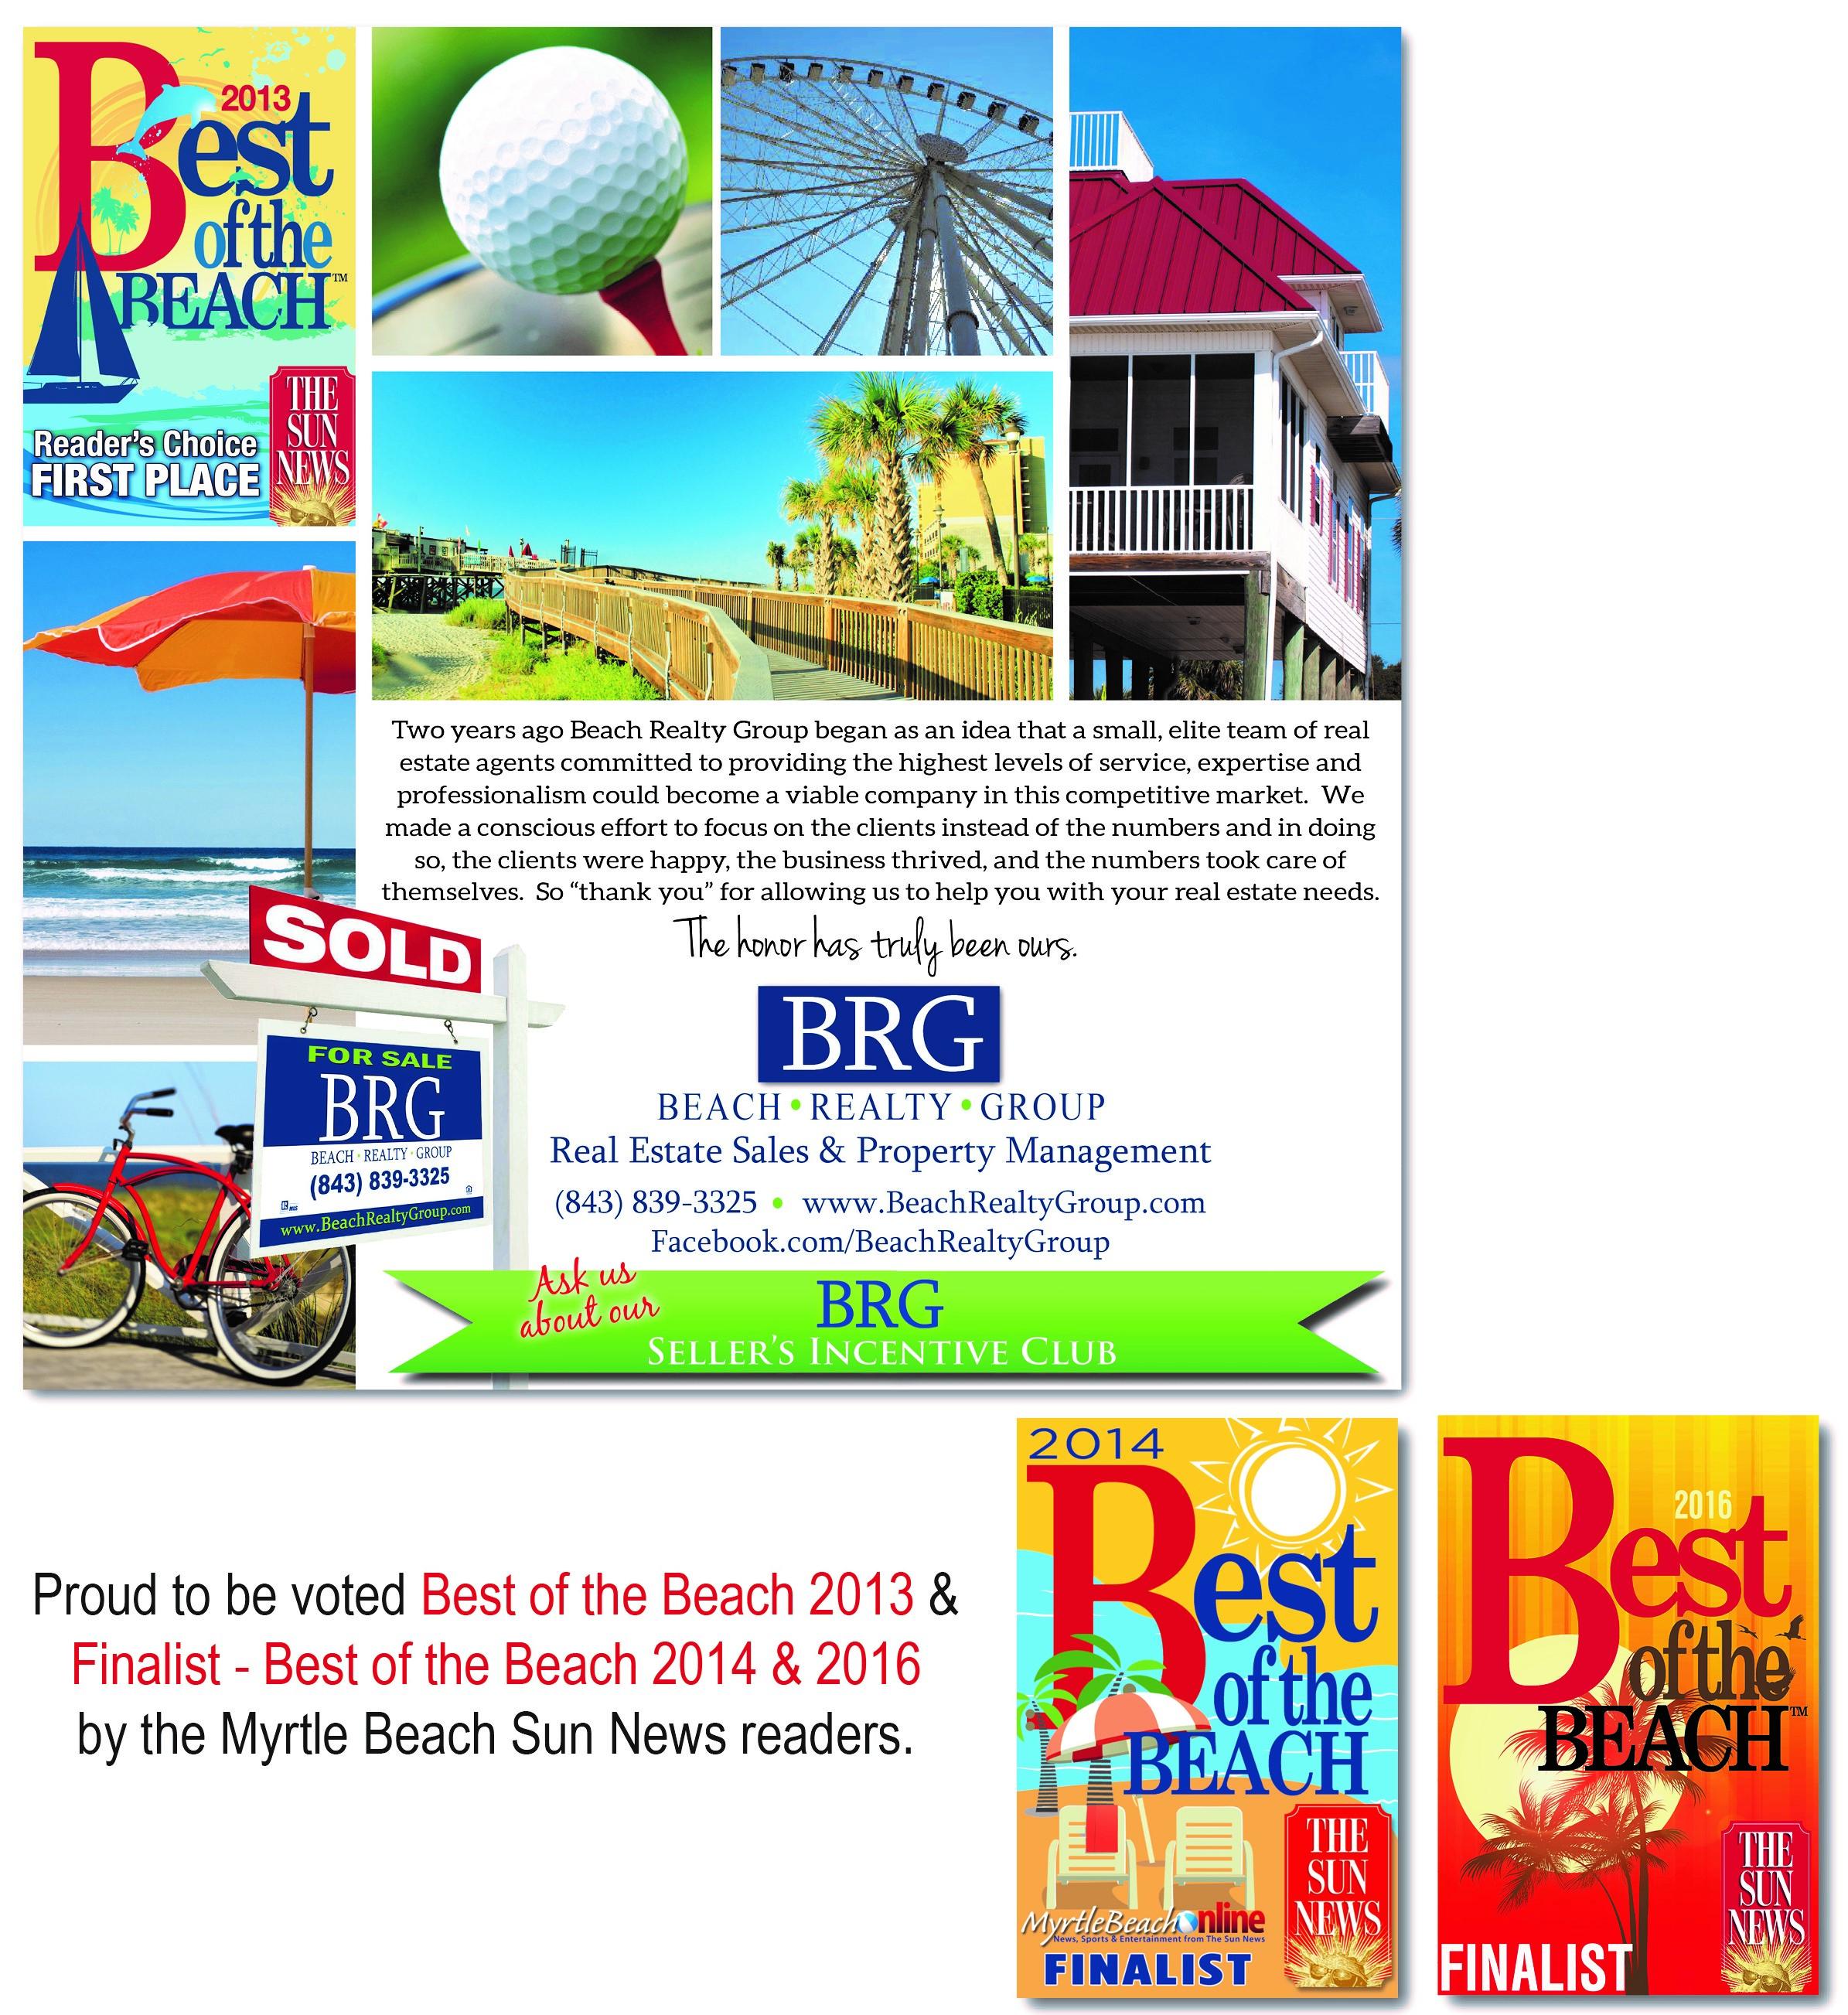 Sun News Best of the Beach - Beach Realty Group